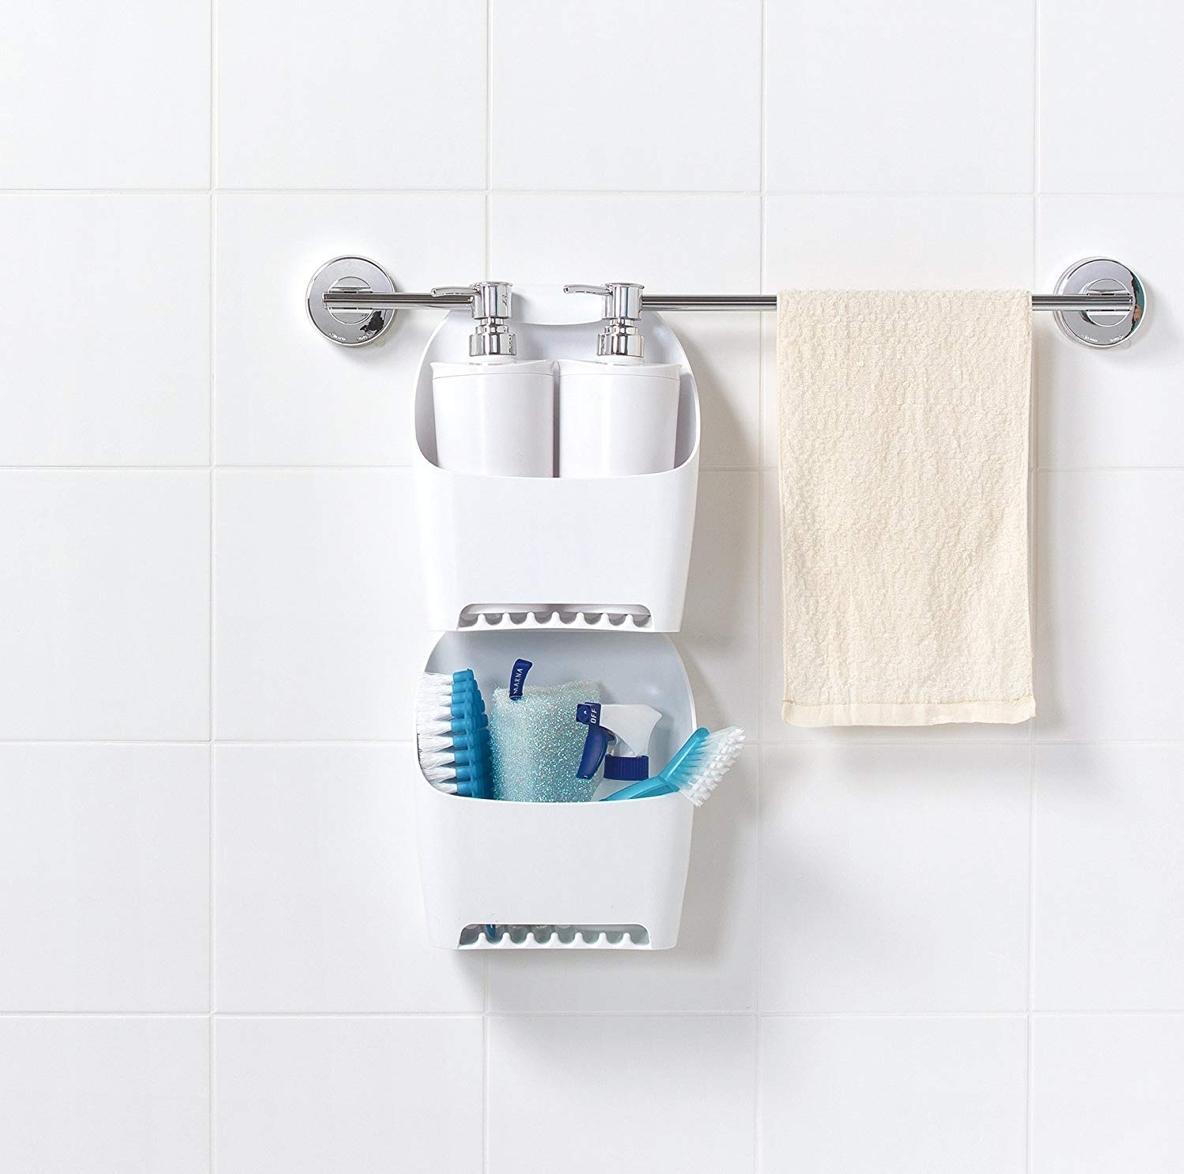 シャンプーの底裏のカビ、ヌメり防止にも!タオルバーを有効活用したバスケットでお風呂の収納力がアップできそう | ROOMIE(ルーミー)